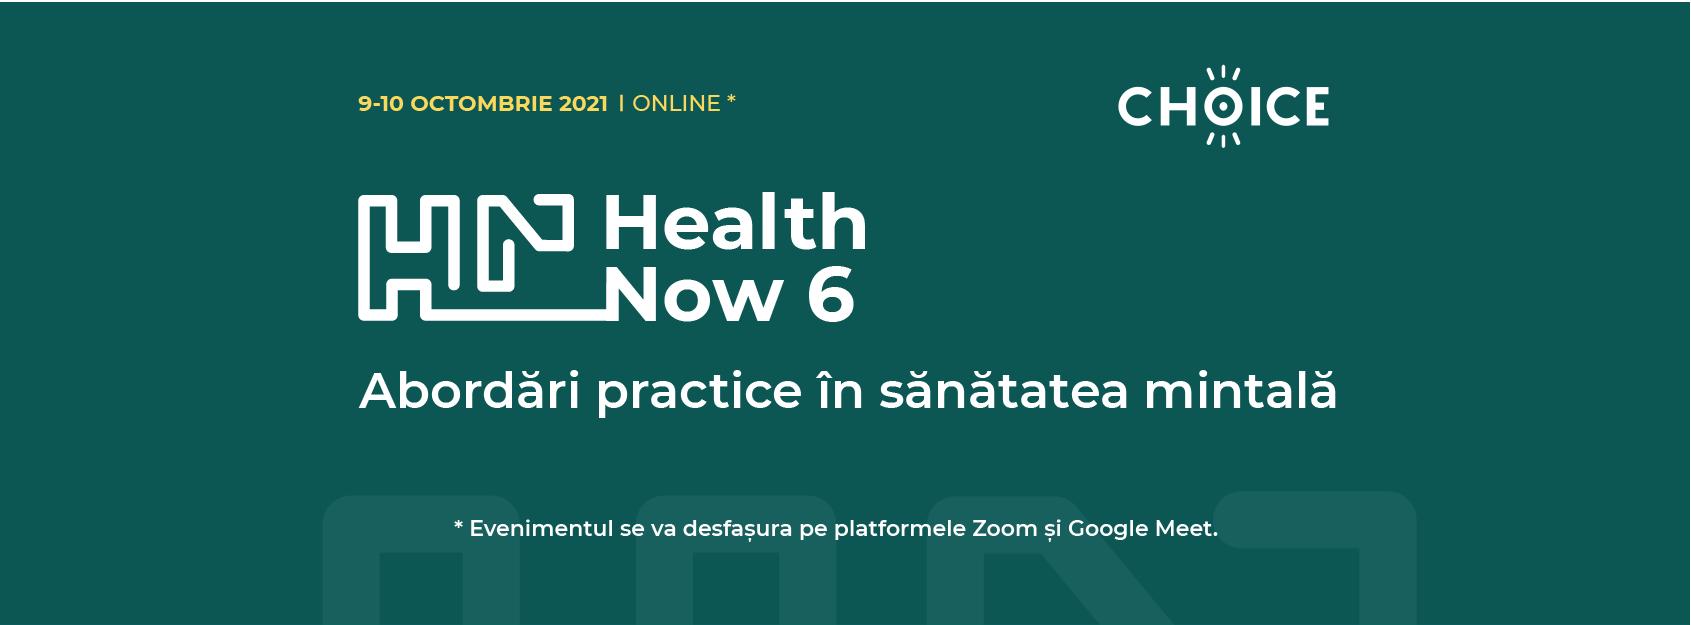 În Curând: Conferința de Psihologie Health Now 6: Abordări Practice în Sănătatea Mintală